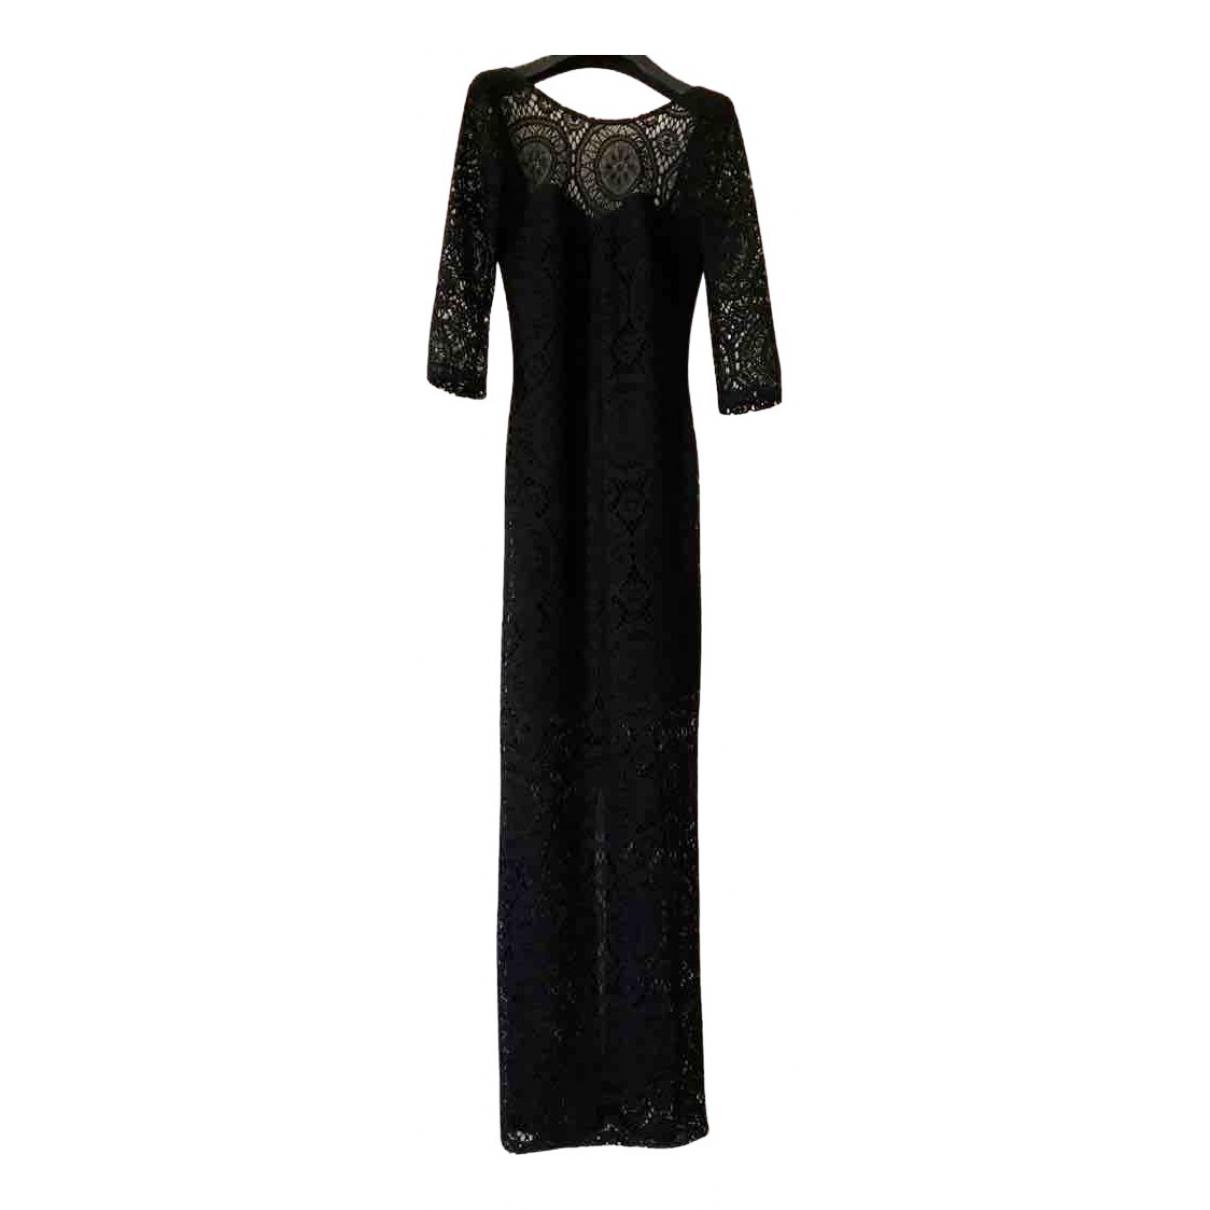 Asos \N Black Cotton - elasthane skirt for Women 8 UK